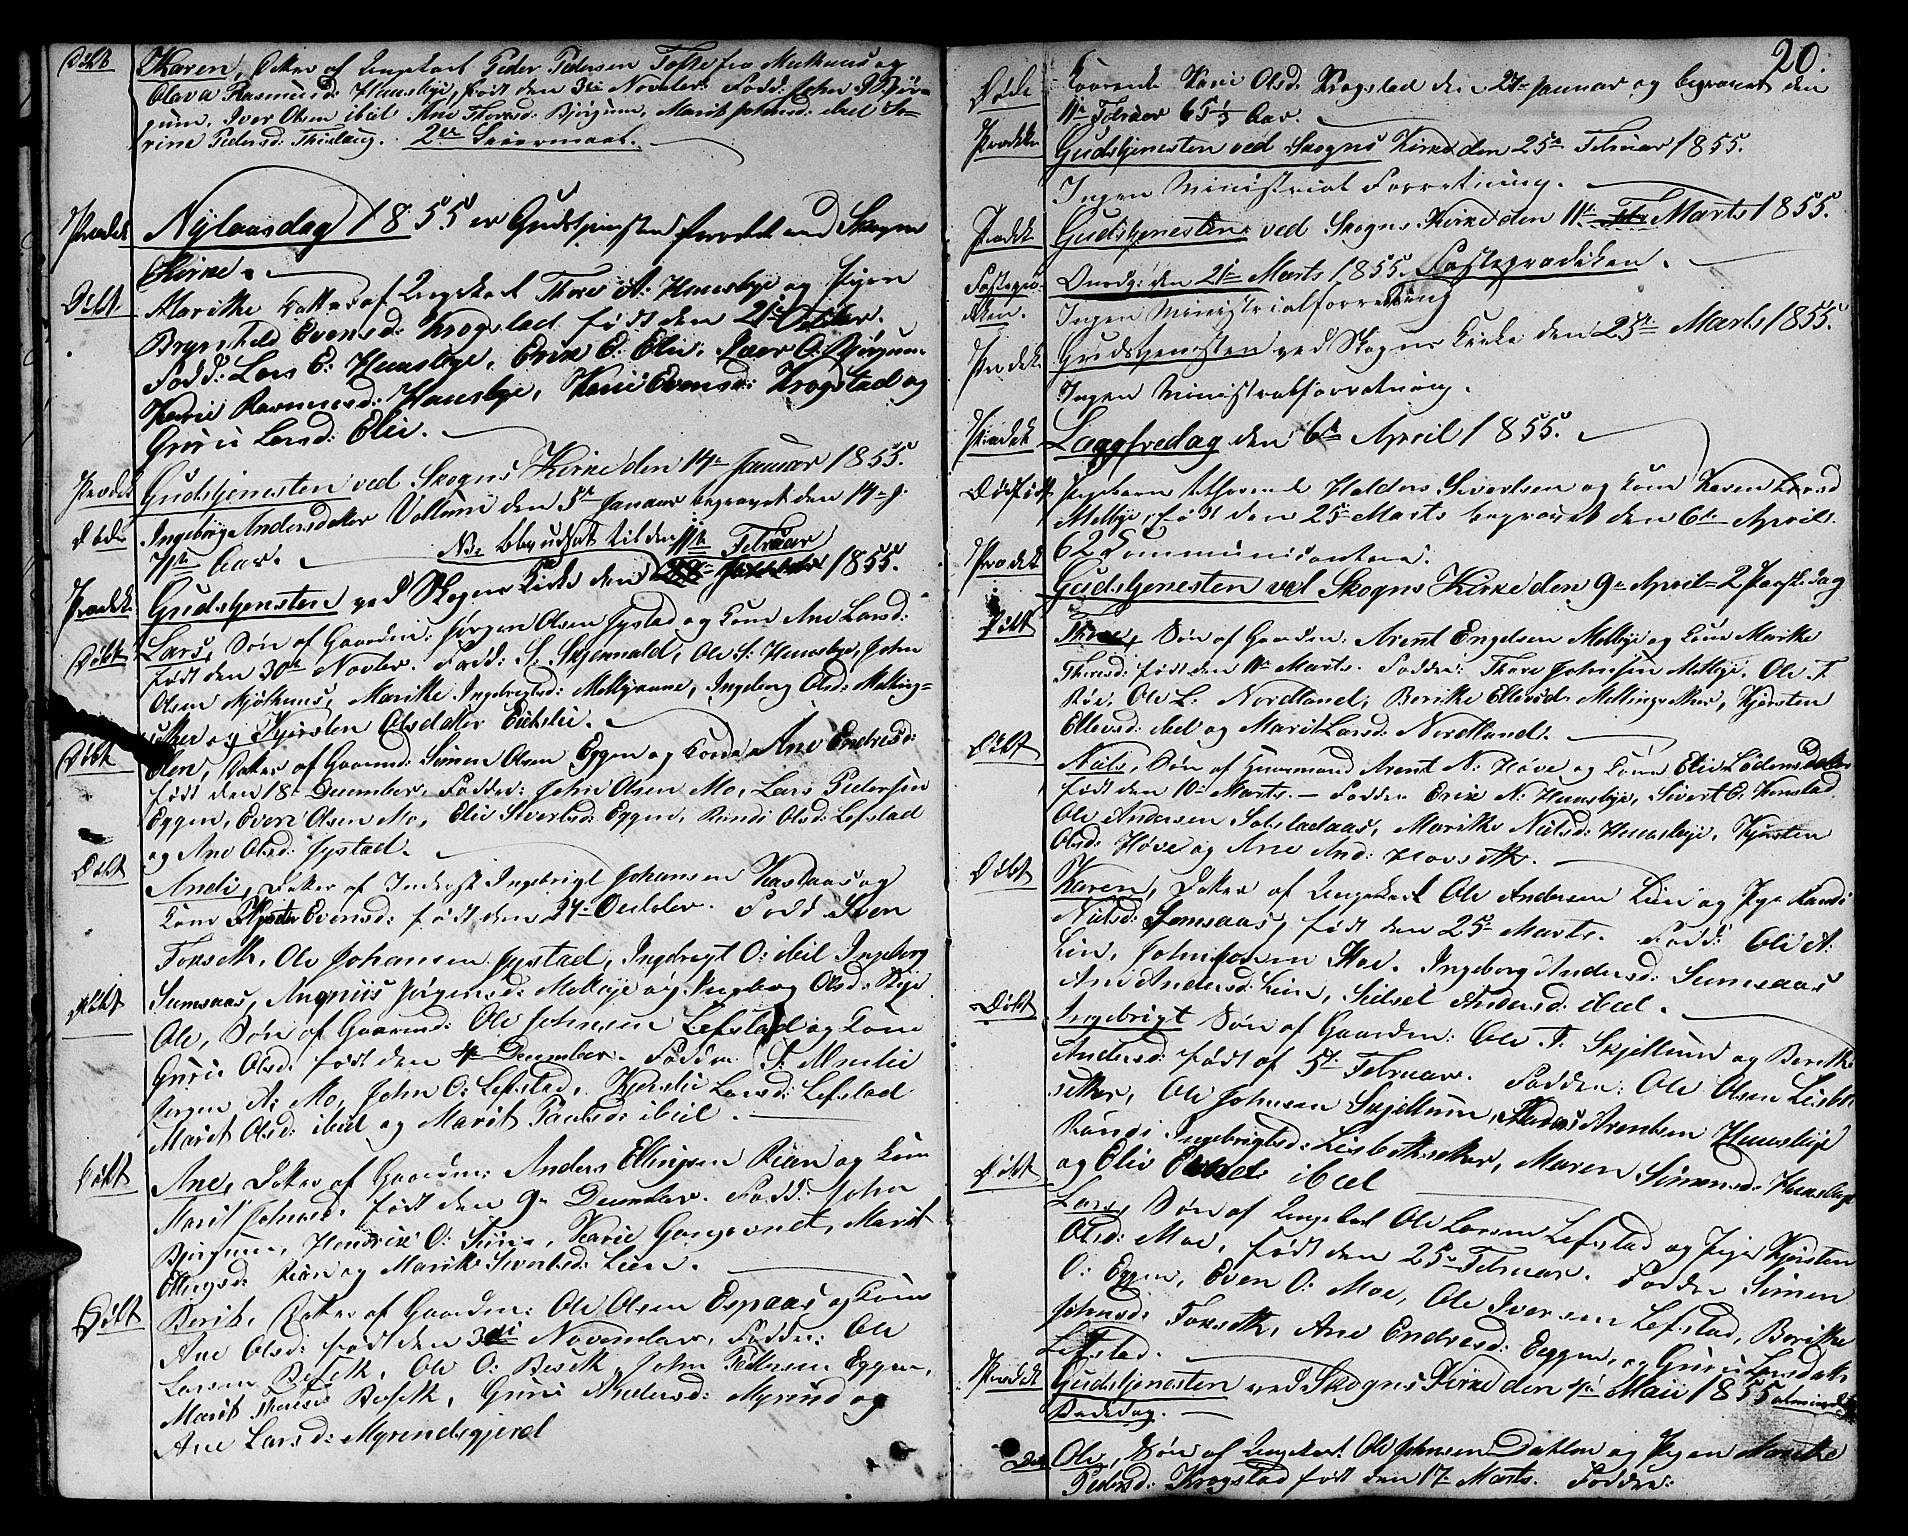 SAT, Ministerialprotokoller, klokkerbøker og fødselsregistre - Sør-Trøndelag, 667/L0797: Klokkerbok nr. 667C02, 1849-1867, s. 20